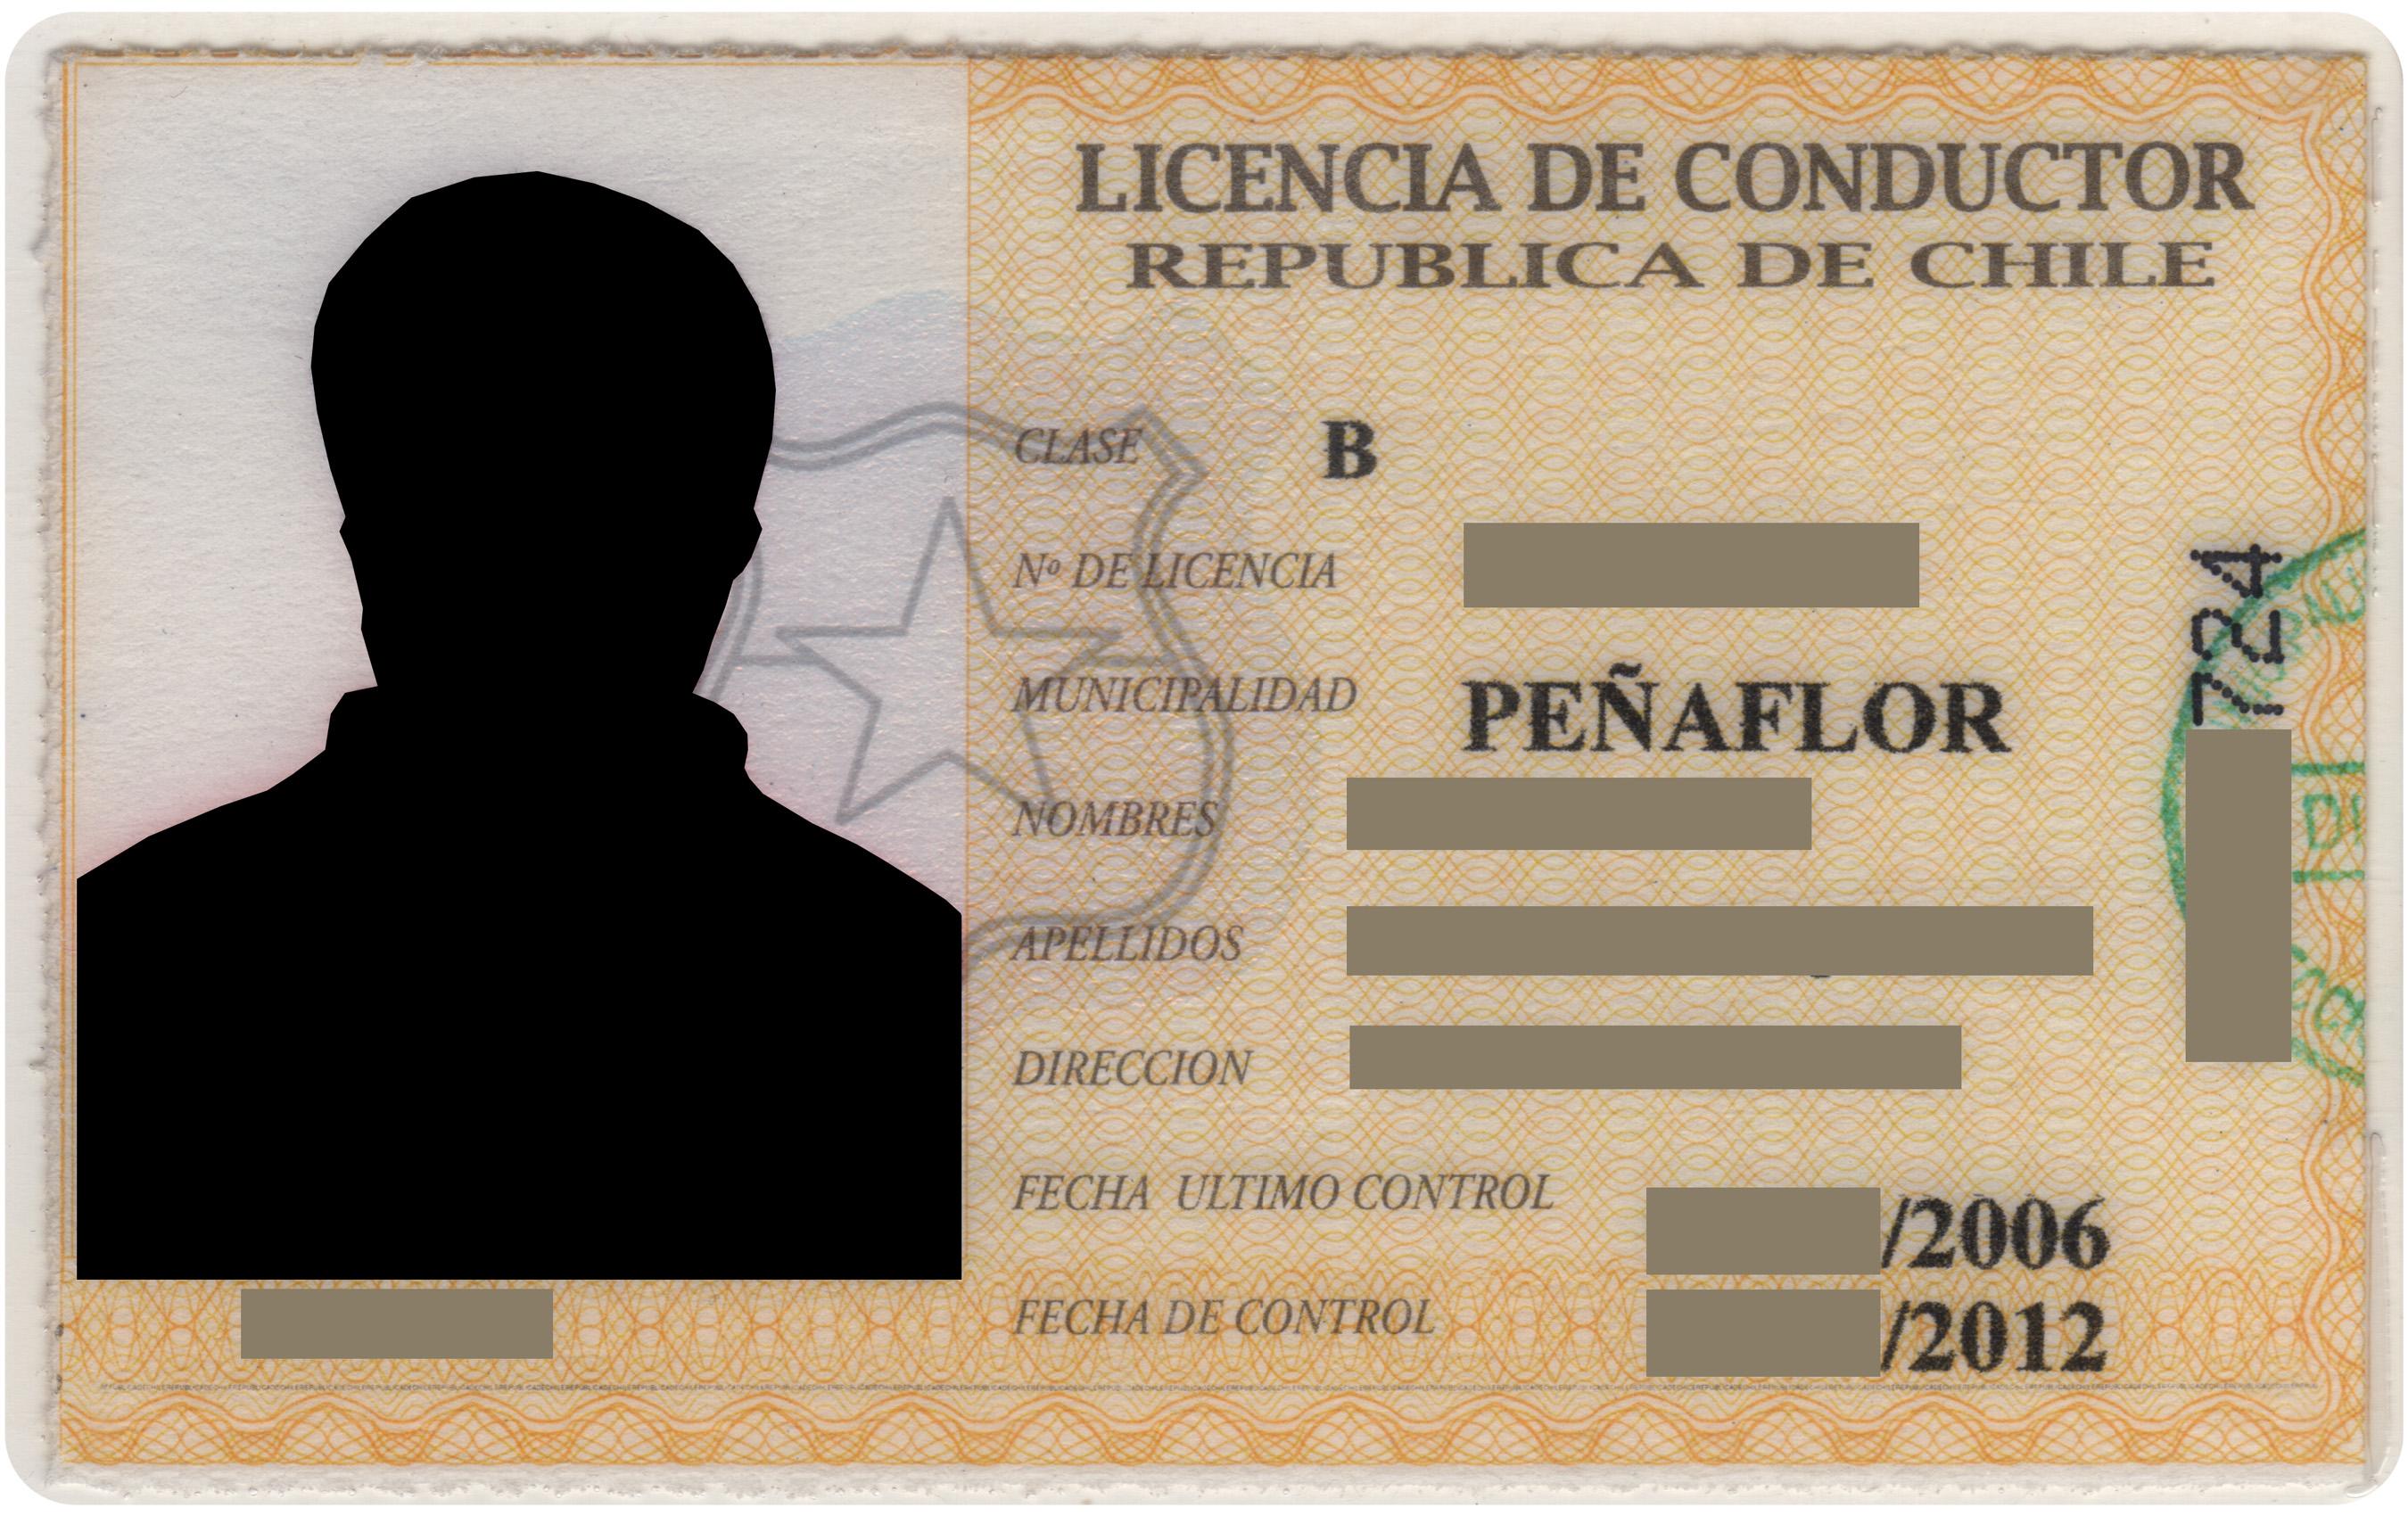 File:Licencia Conducir Chile.jpg